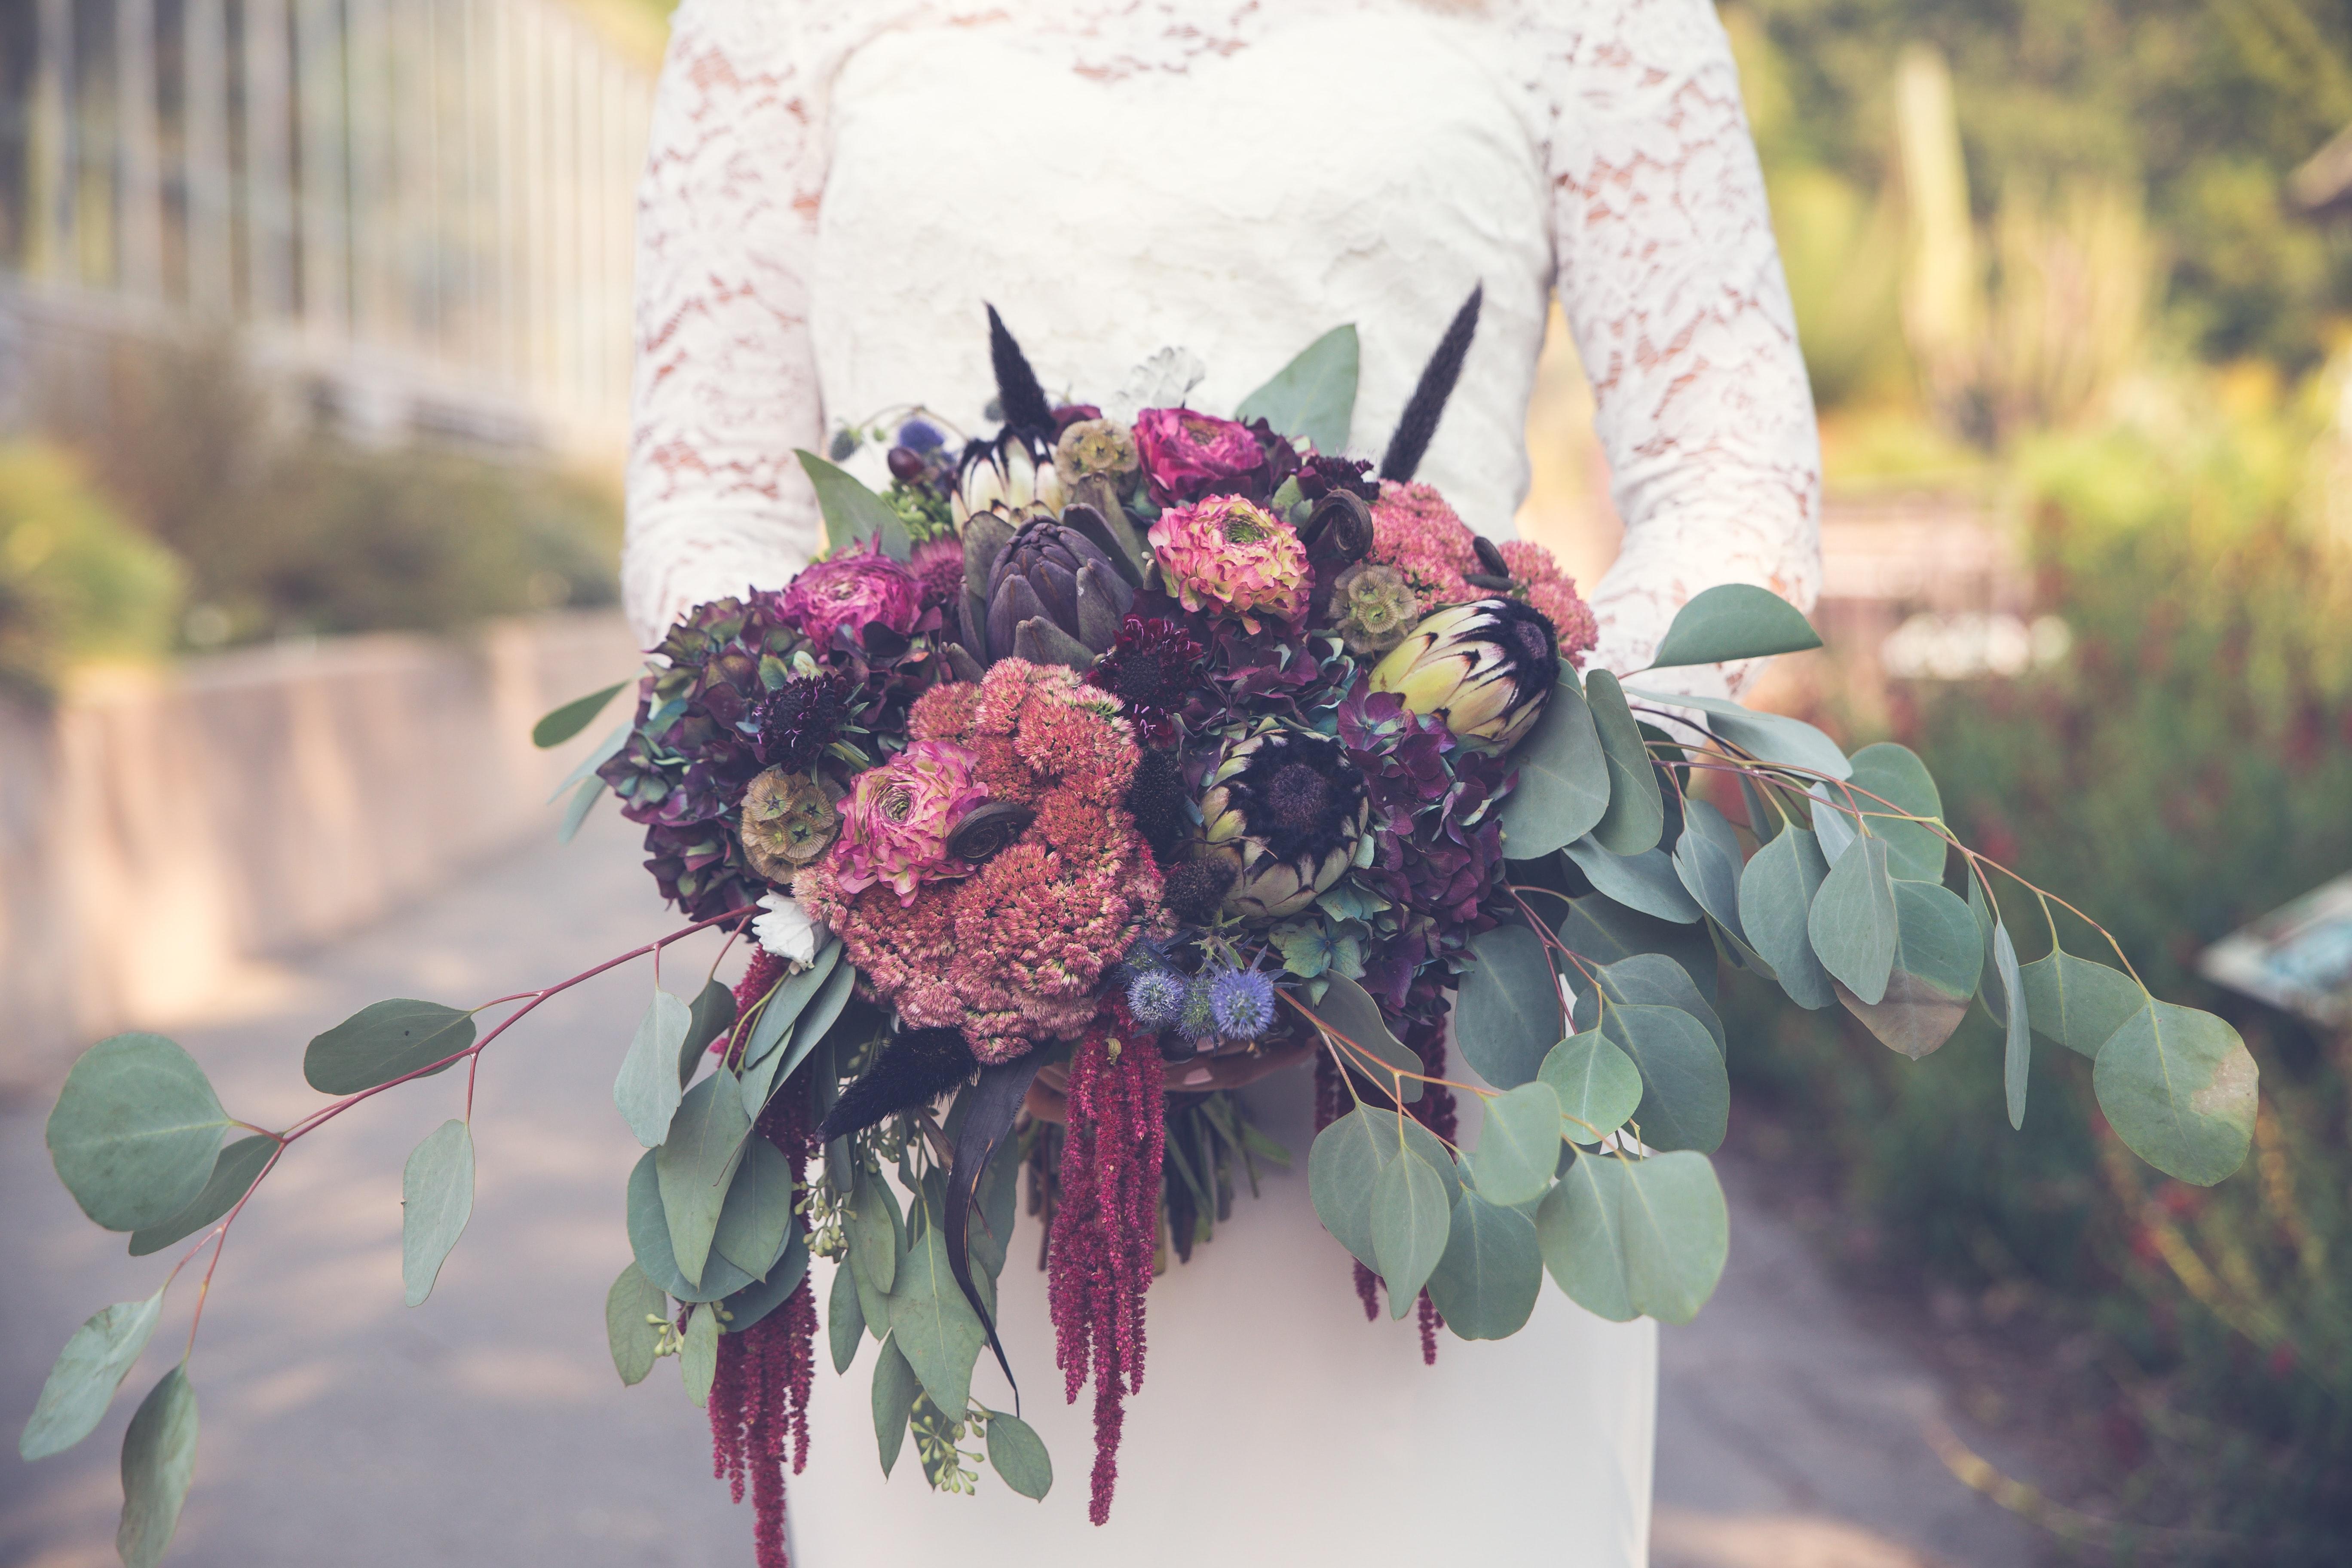 「ヒモゲイトウ」とも呼ばれますが、植物的には「ケイトウ」とは別の分類です。垂れるように咲くものや、そうでないものなど品種も様々。画像の花束のように、垂れるように束ねることができるのも魅力です。秋に開催される結婚式があれば、そのブーケの中にそっと入れ込むのもおすすめ。